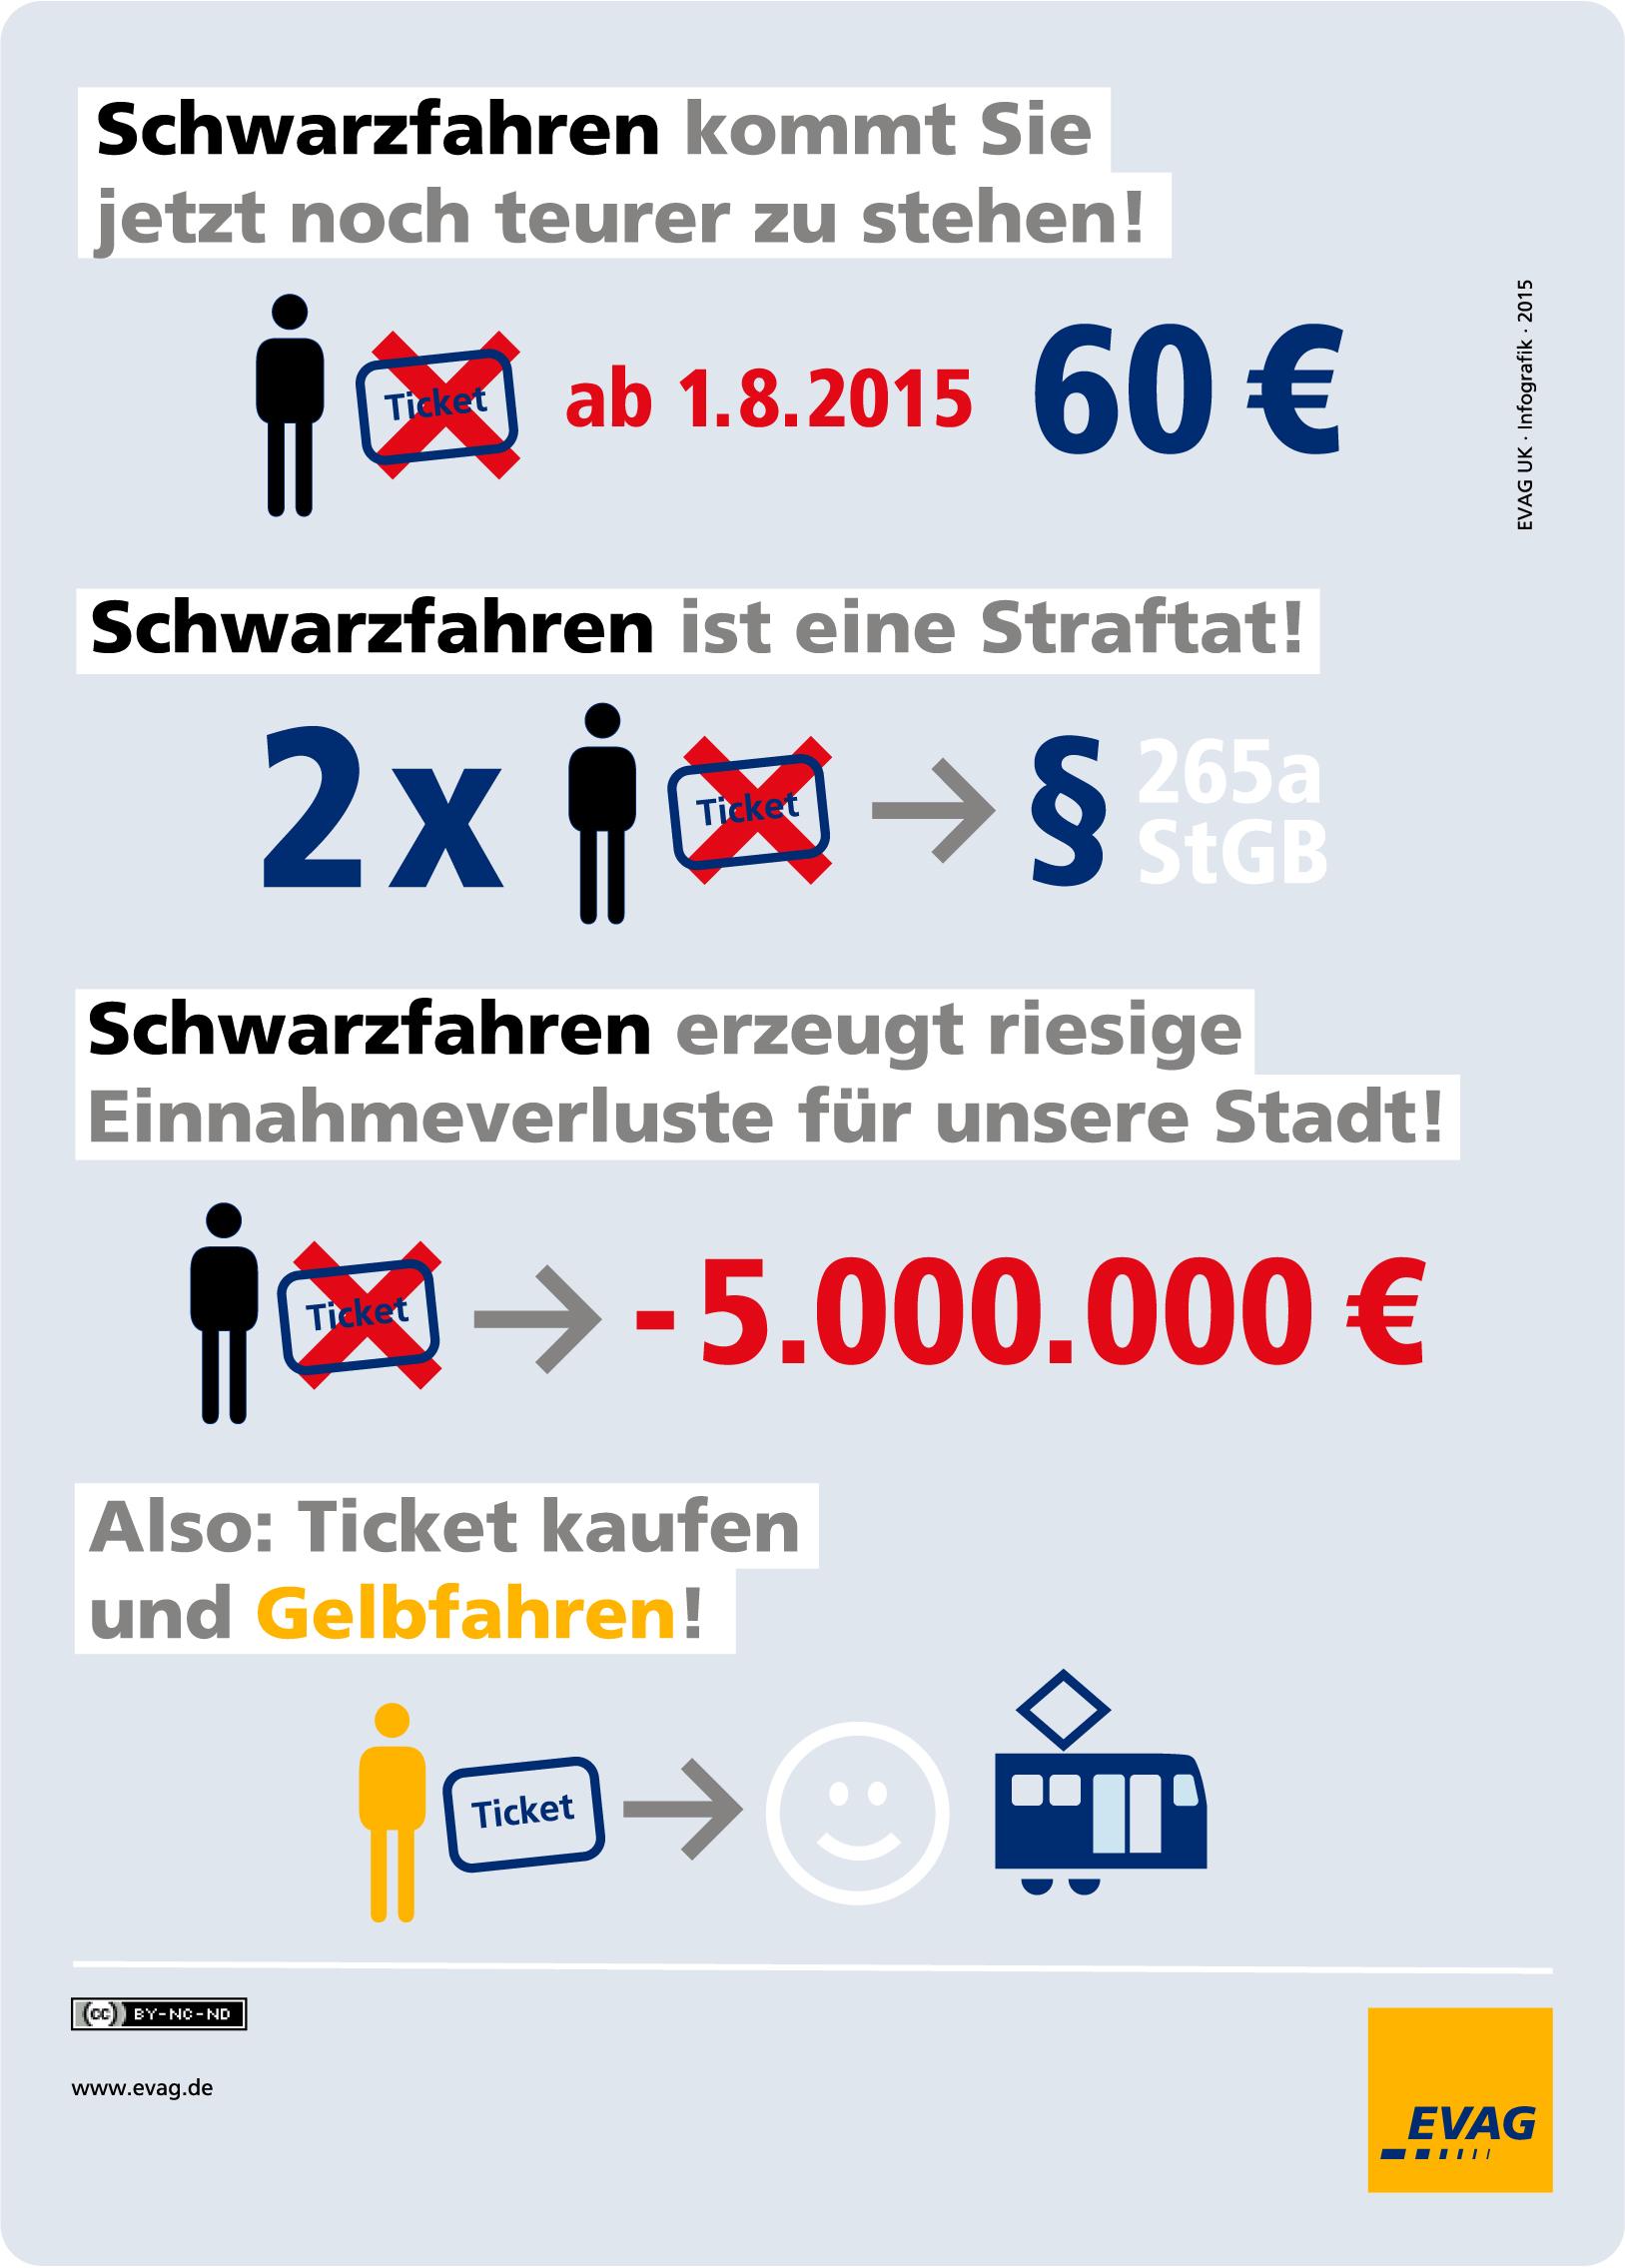 EVAG_Infografik_Schwarzfahren